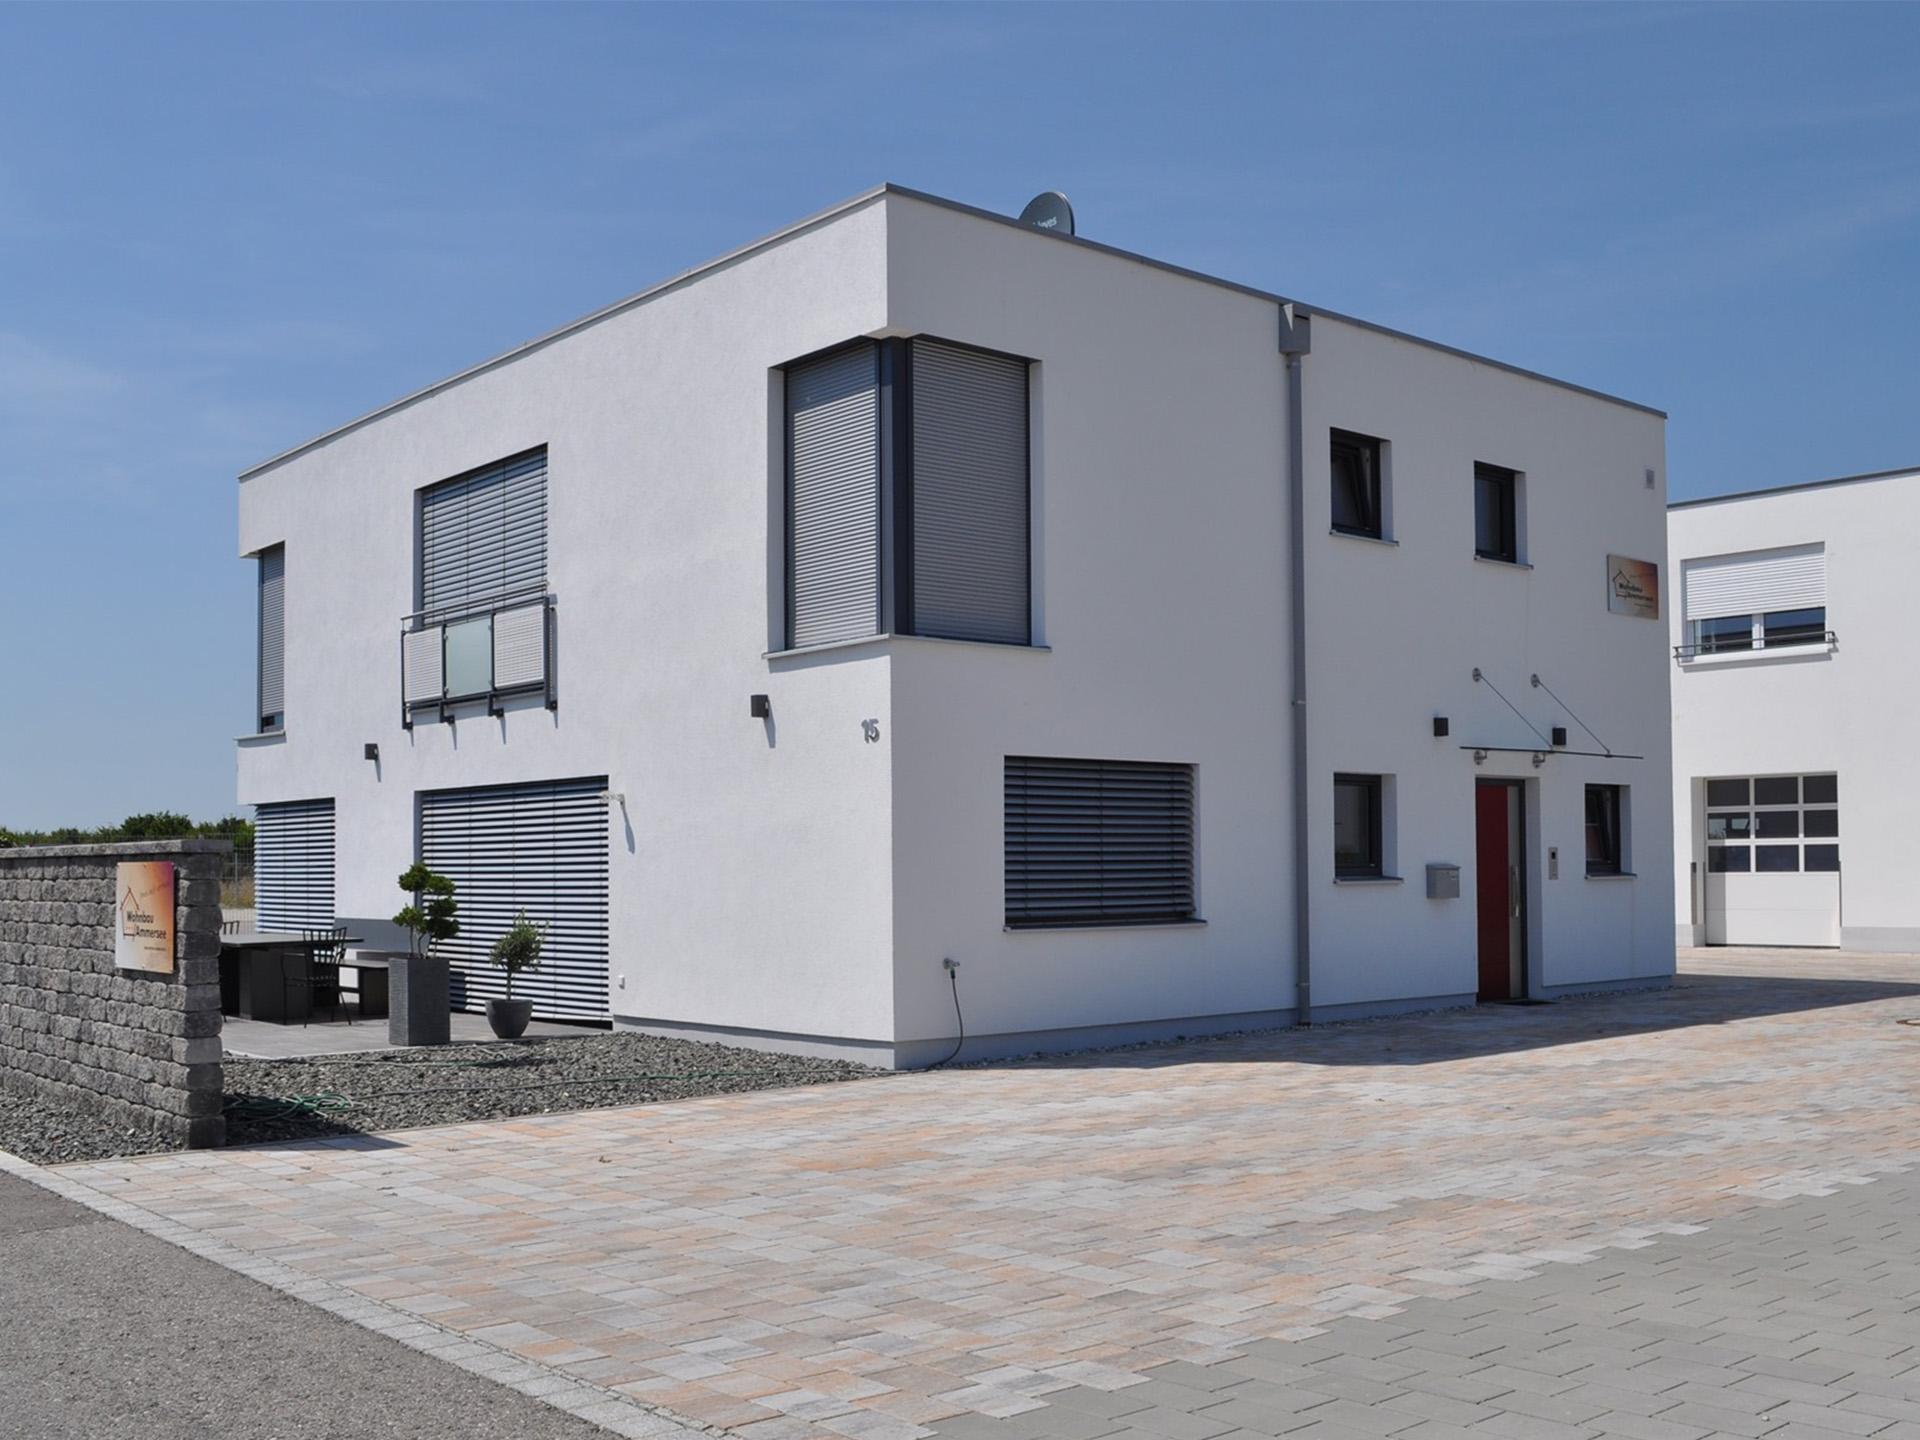 Musterhaus Wohnbau Ammersee